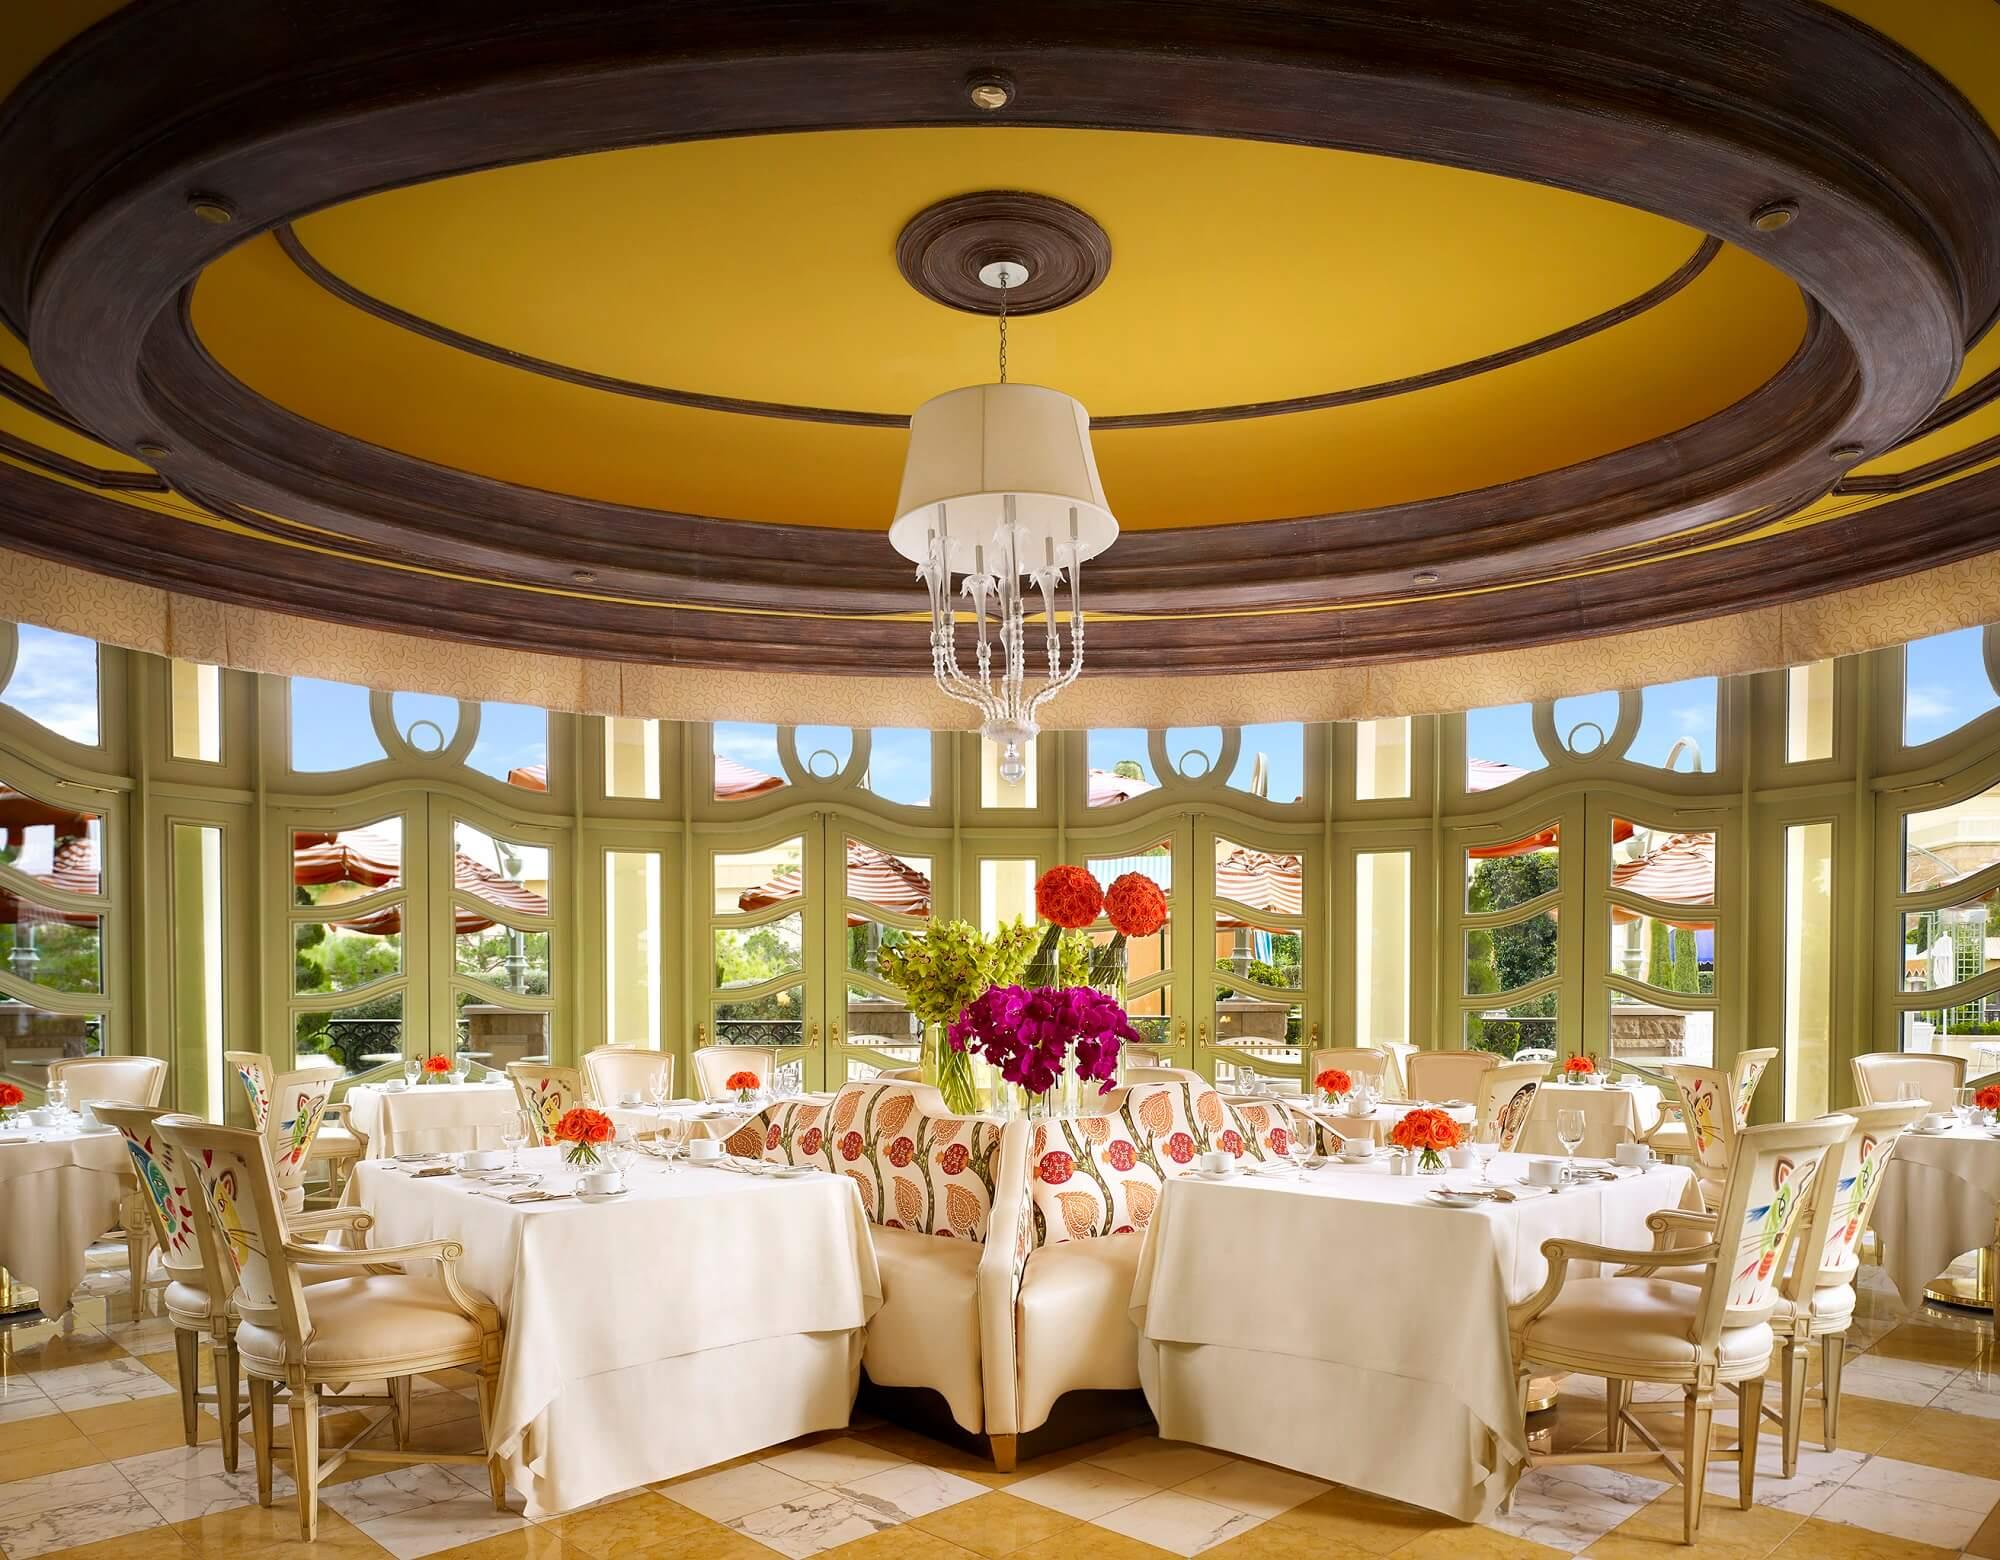 Tableau Dining Room at Wynn Las Vegas